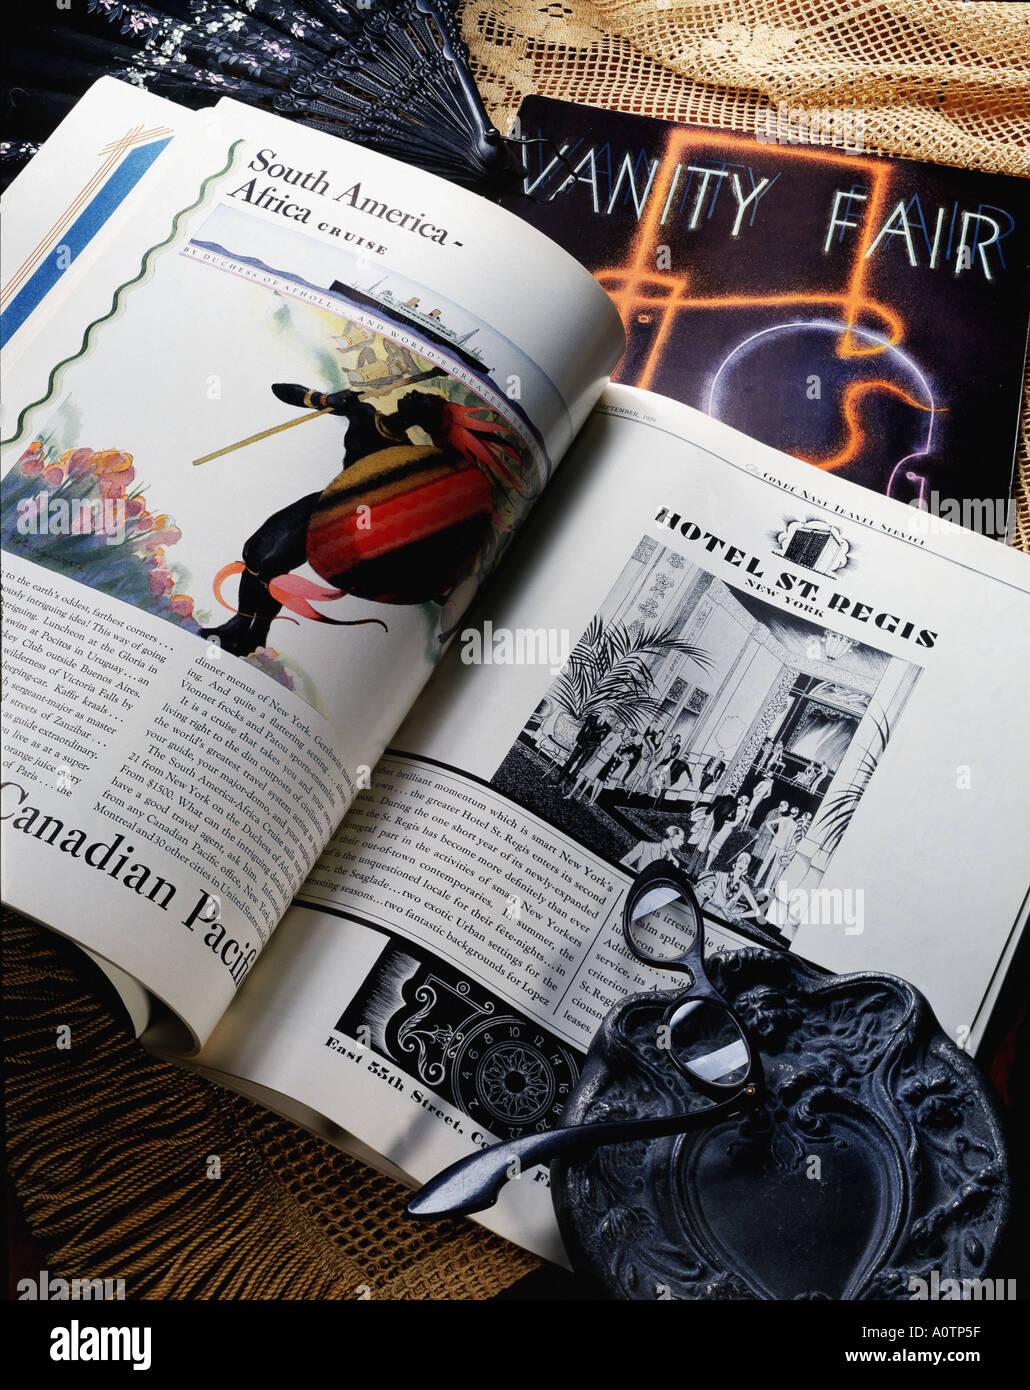 Noch immer leben Von vintage Vanity Fair Magazine zeigen eine Auswahl der alten Werbung Stockbild